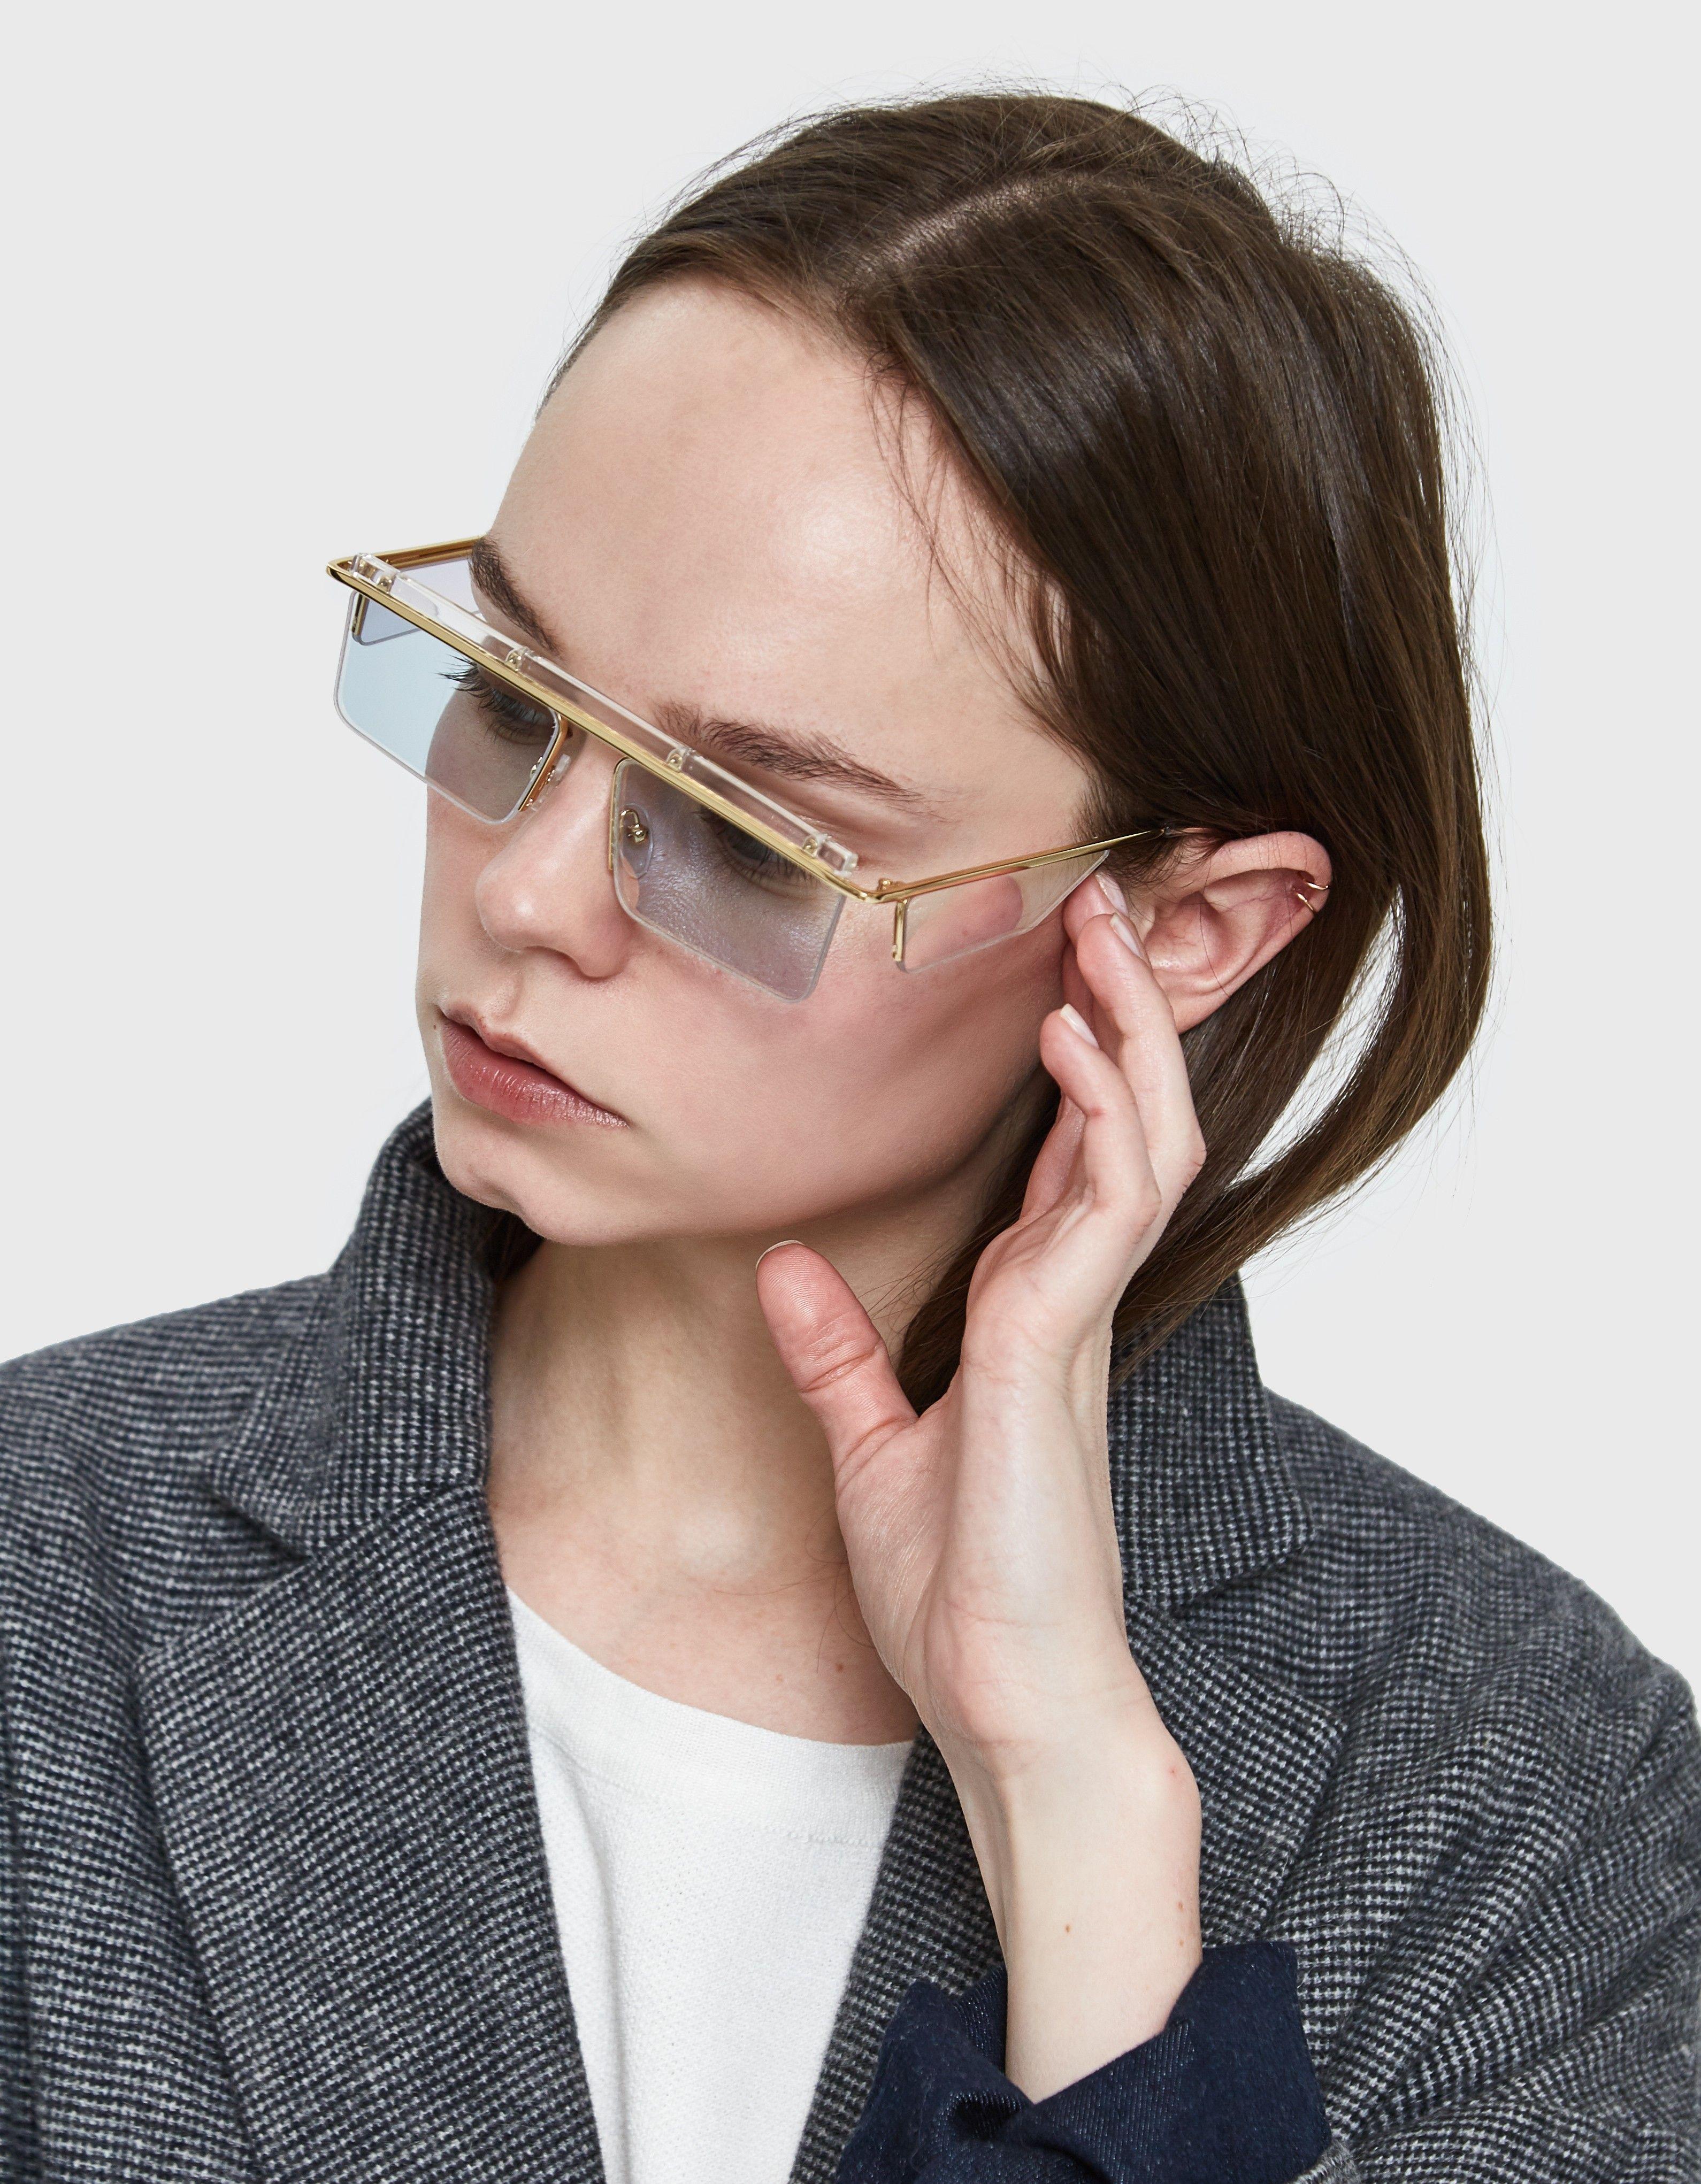 e19ac239e25b9 80s sunglasses from Adam Selman in collaboration with Le Specs